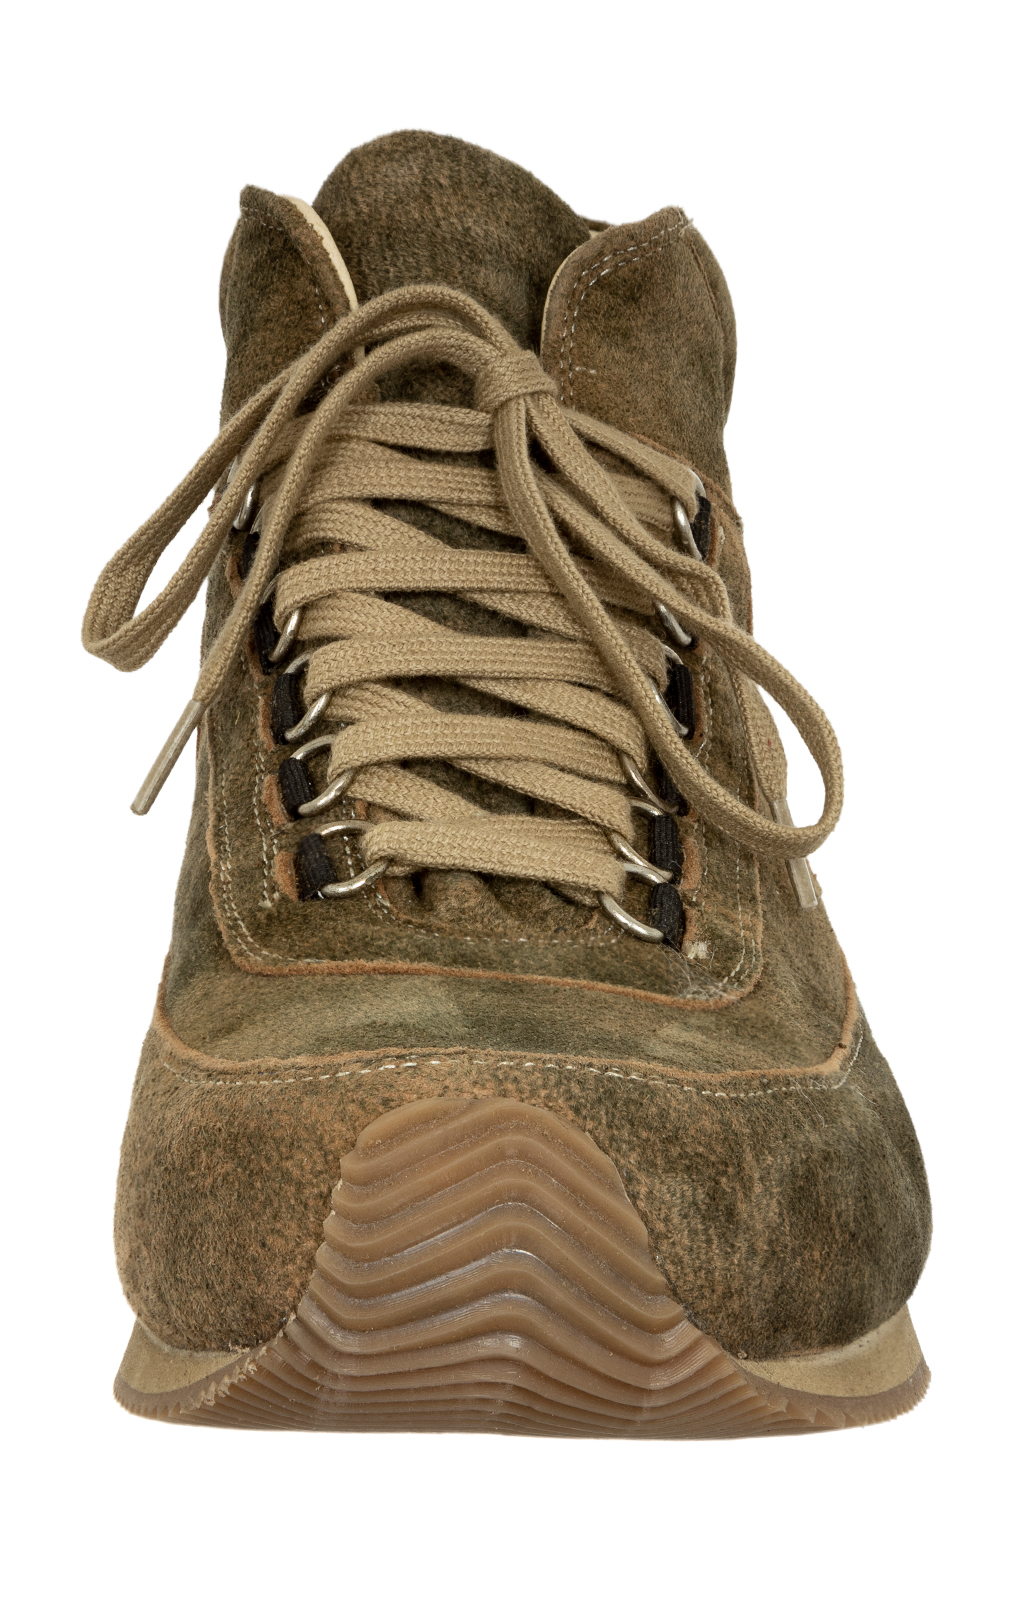 weitere Bilder von Schuh BALDO ZV sand